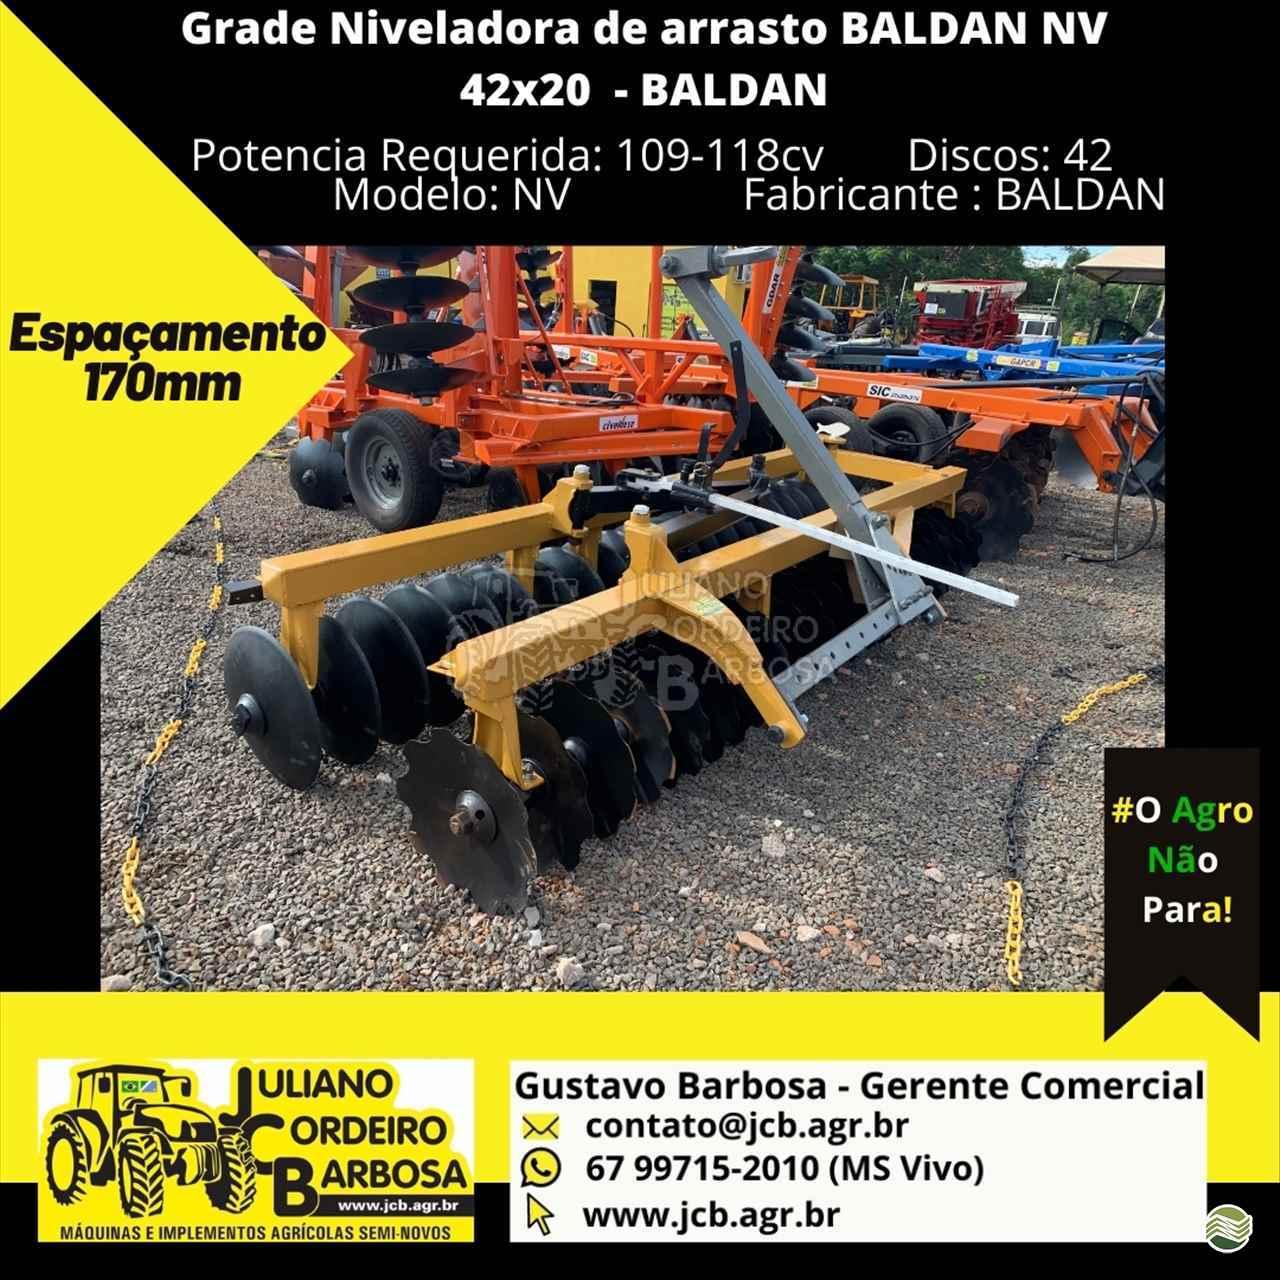 IMPLEMENTOS AGRICOLAS GRADE NIVELADORA NIVELADORA 42 DISCOS JCB Máquinas e Implementos Agrícolas MARACAJU MATO GROSSO DO SUL MS